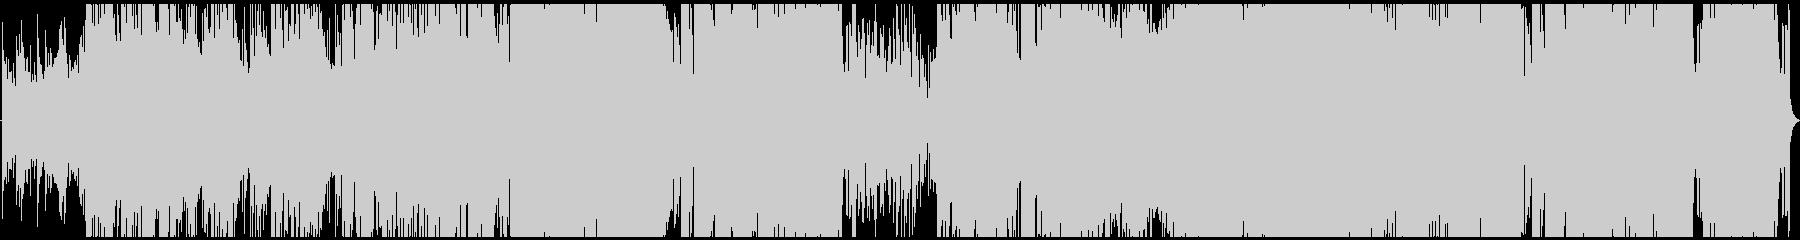 勢いのある電子音楽です。の未再生の波形